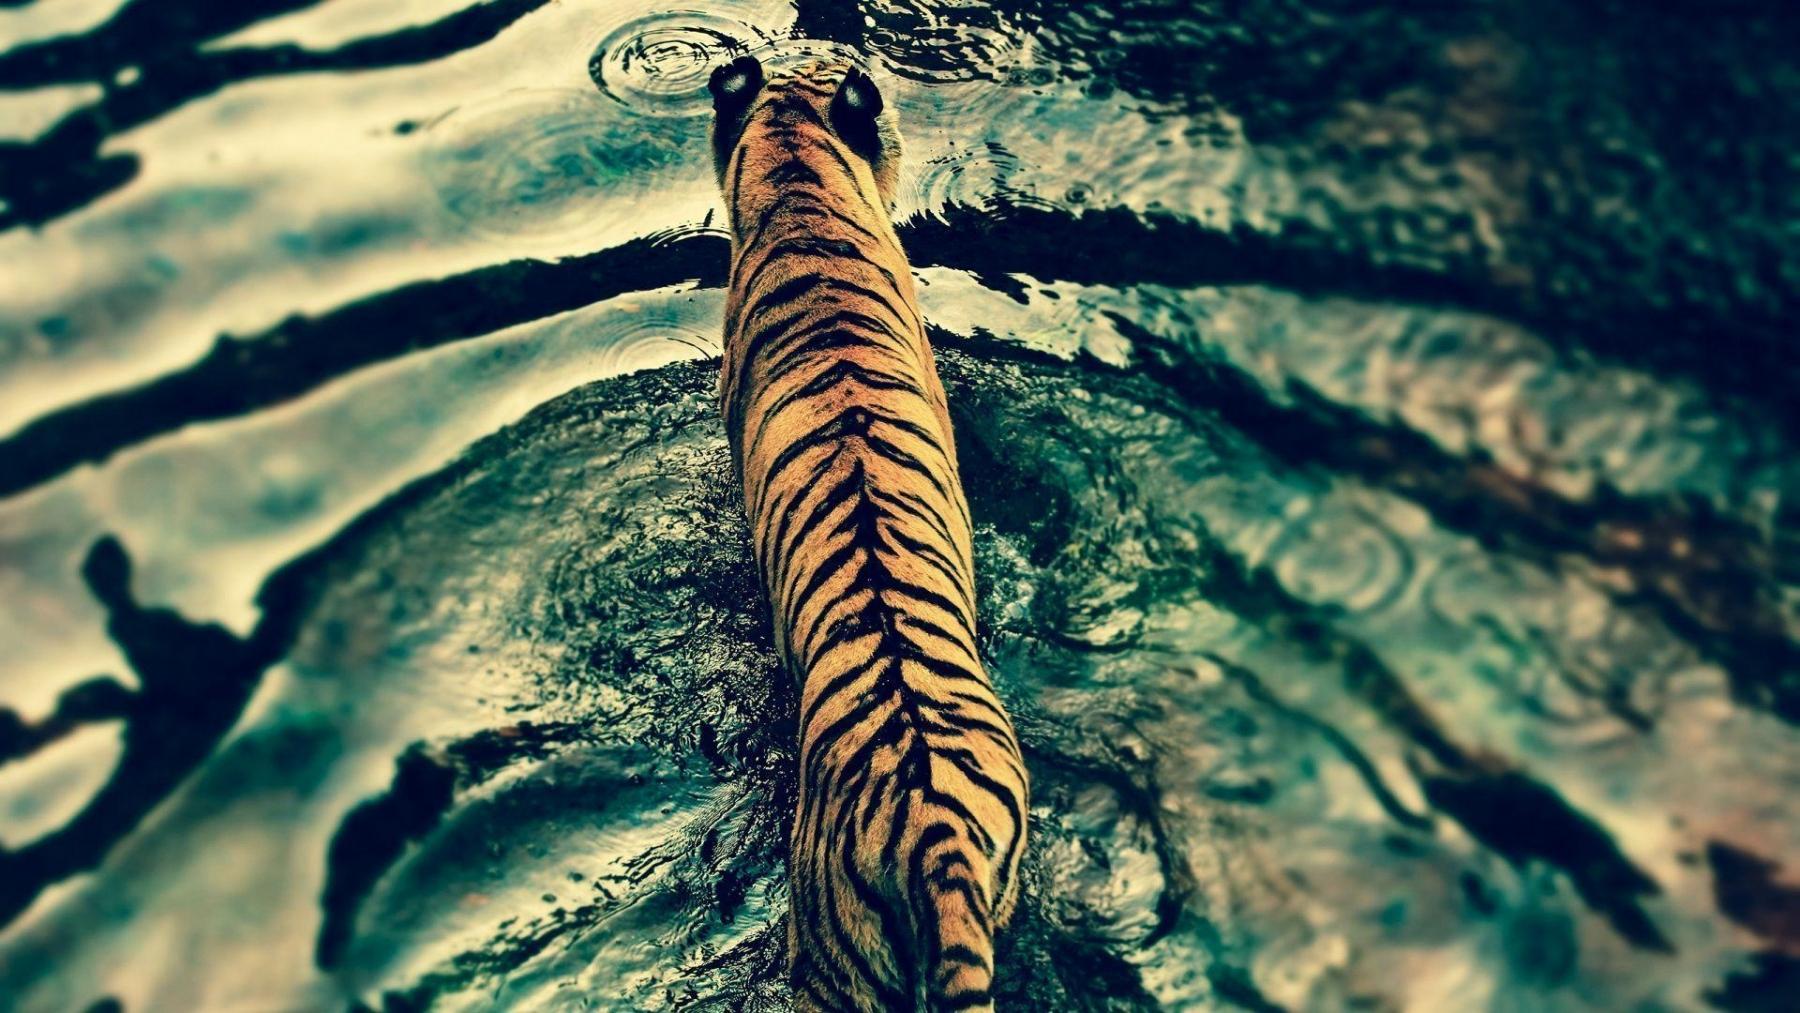 King of the Forest Tiger HD Desktop, Tablet, Mobile